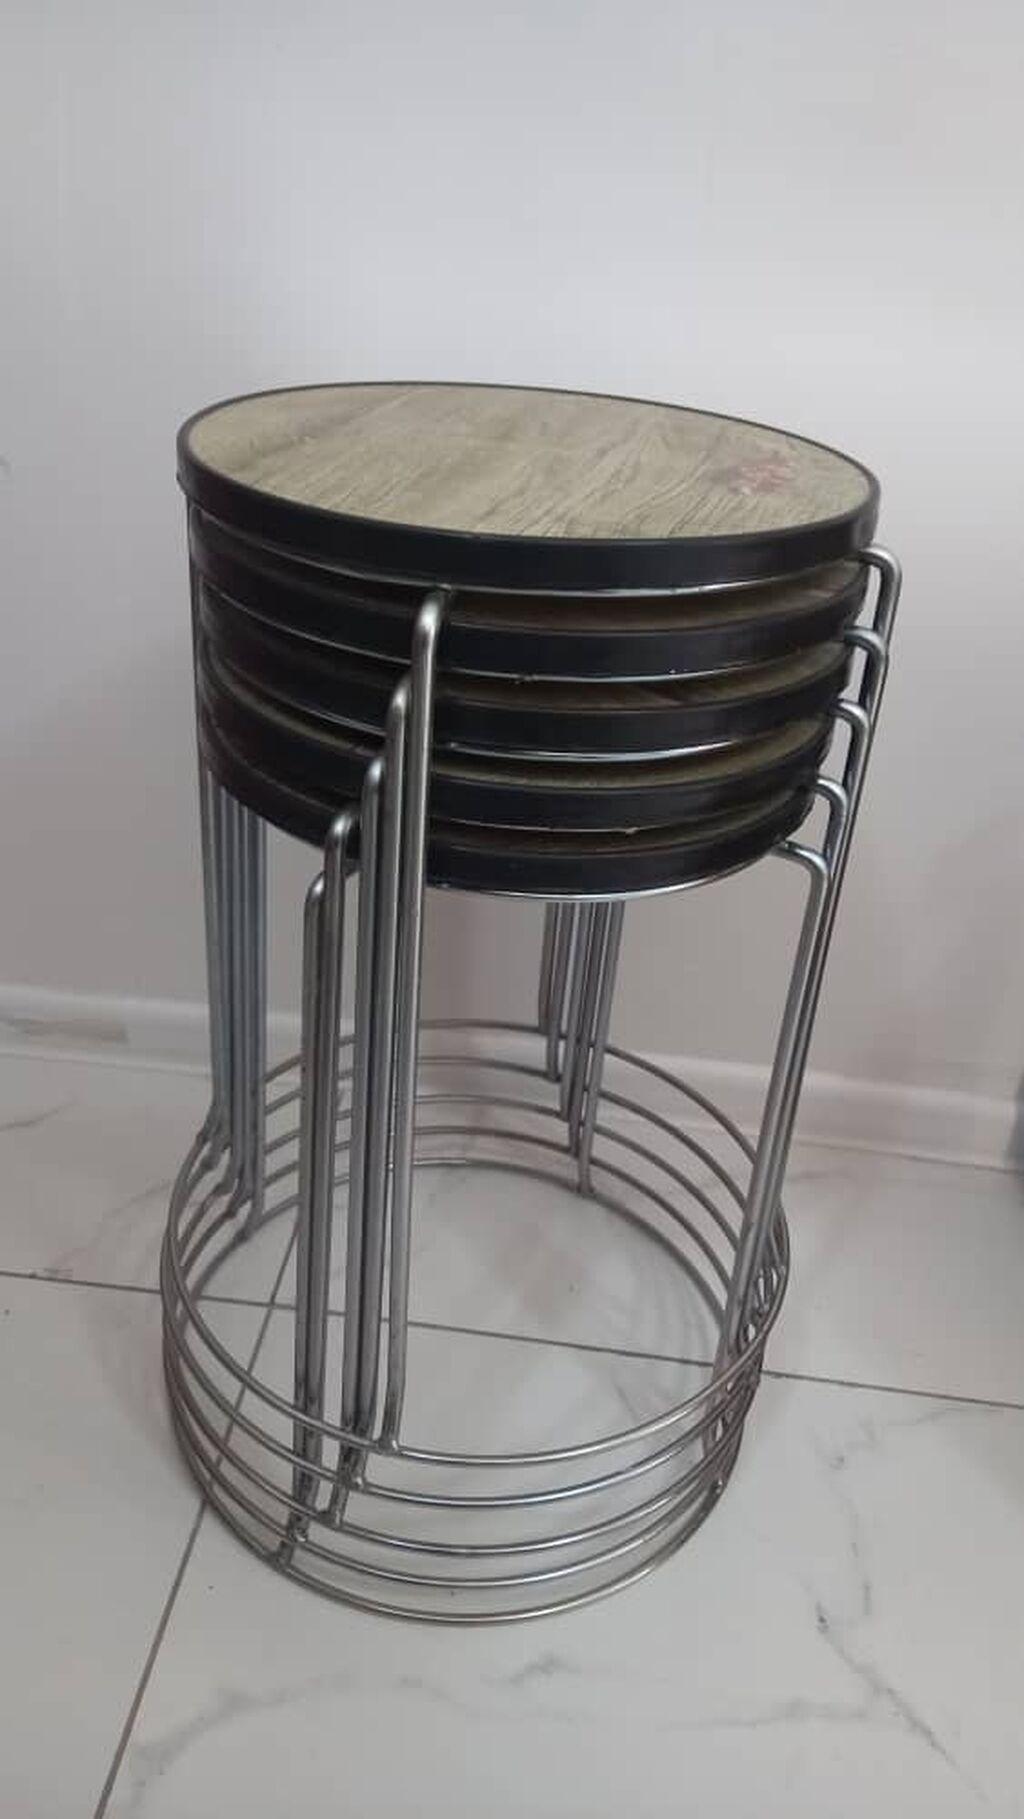 Табуретки, крепкие для кухни.Стулья, стульчики.Ножки металлические   Объявление создано 31 Август 2021 04:07:58   СТУЛЬЯ, ТАБУРЕТЫ: Табуретки, крепкие для кухни.Стулья, стульчики.Ножки металлические